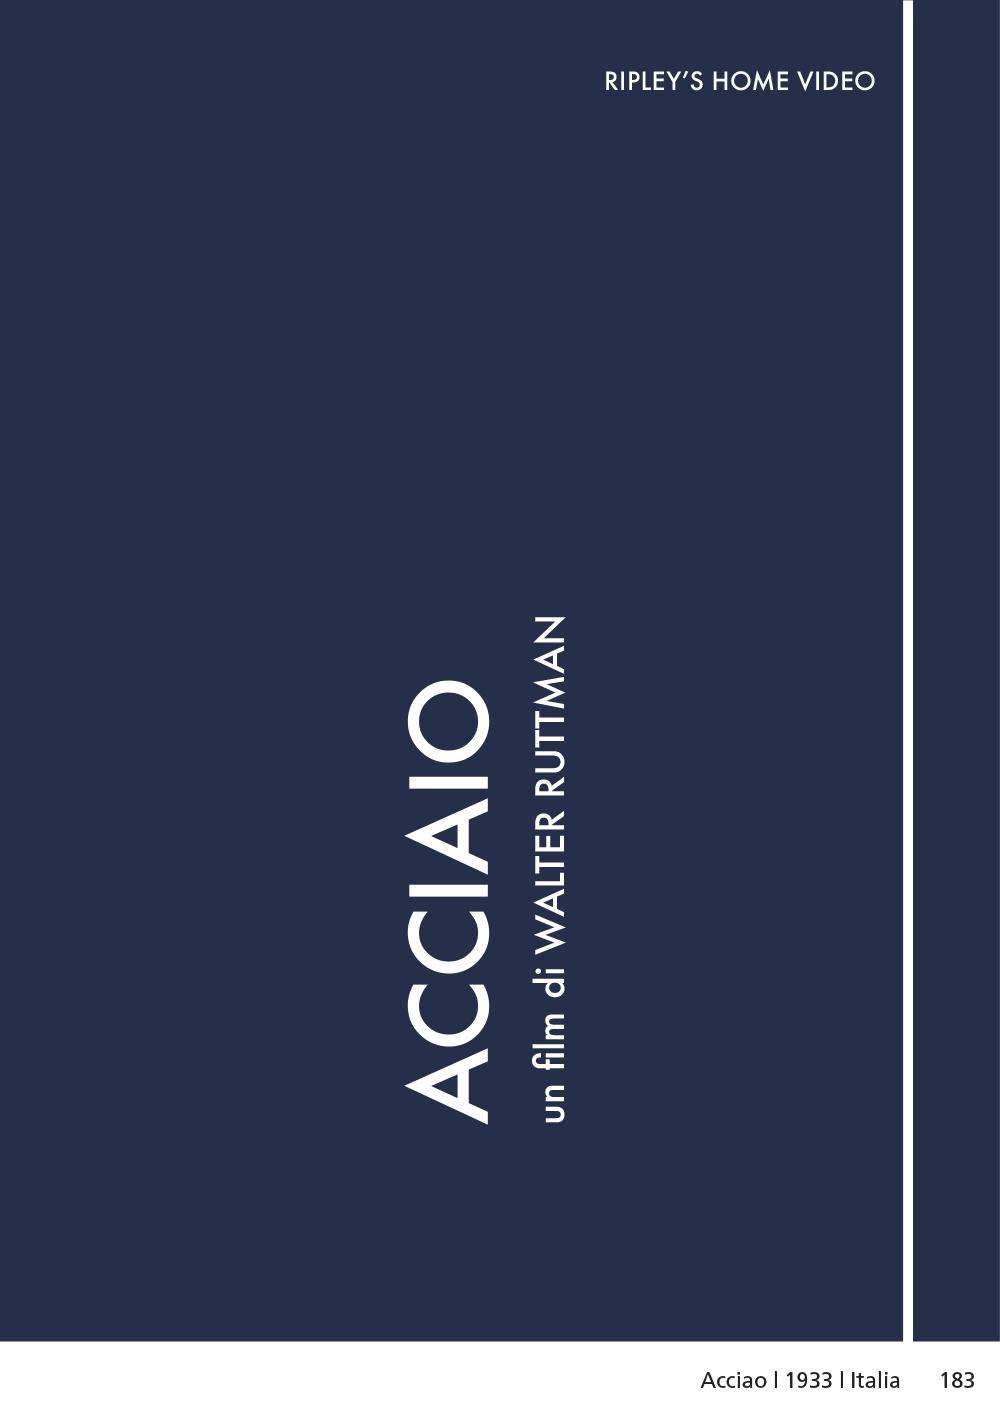 ACCIAIO (DVD)